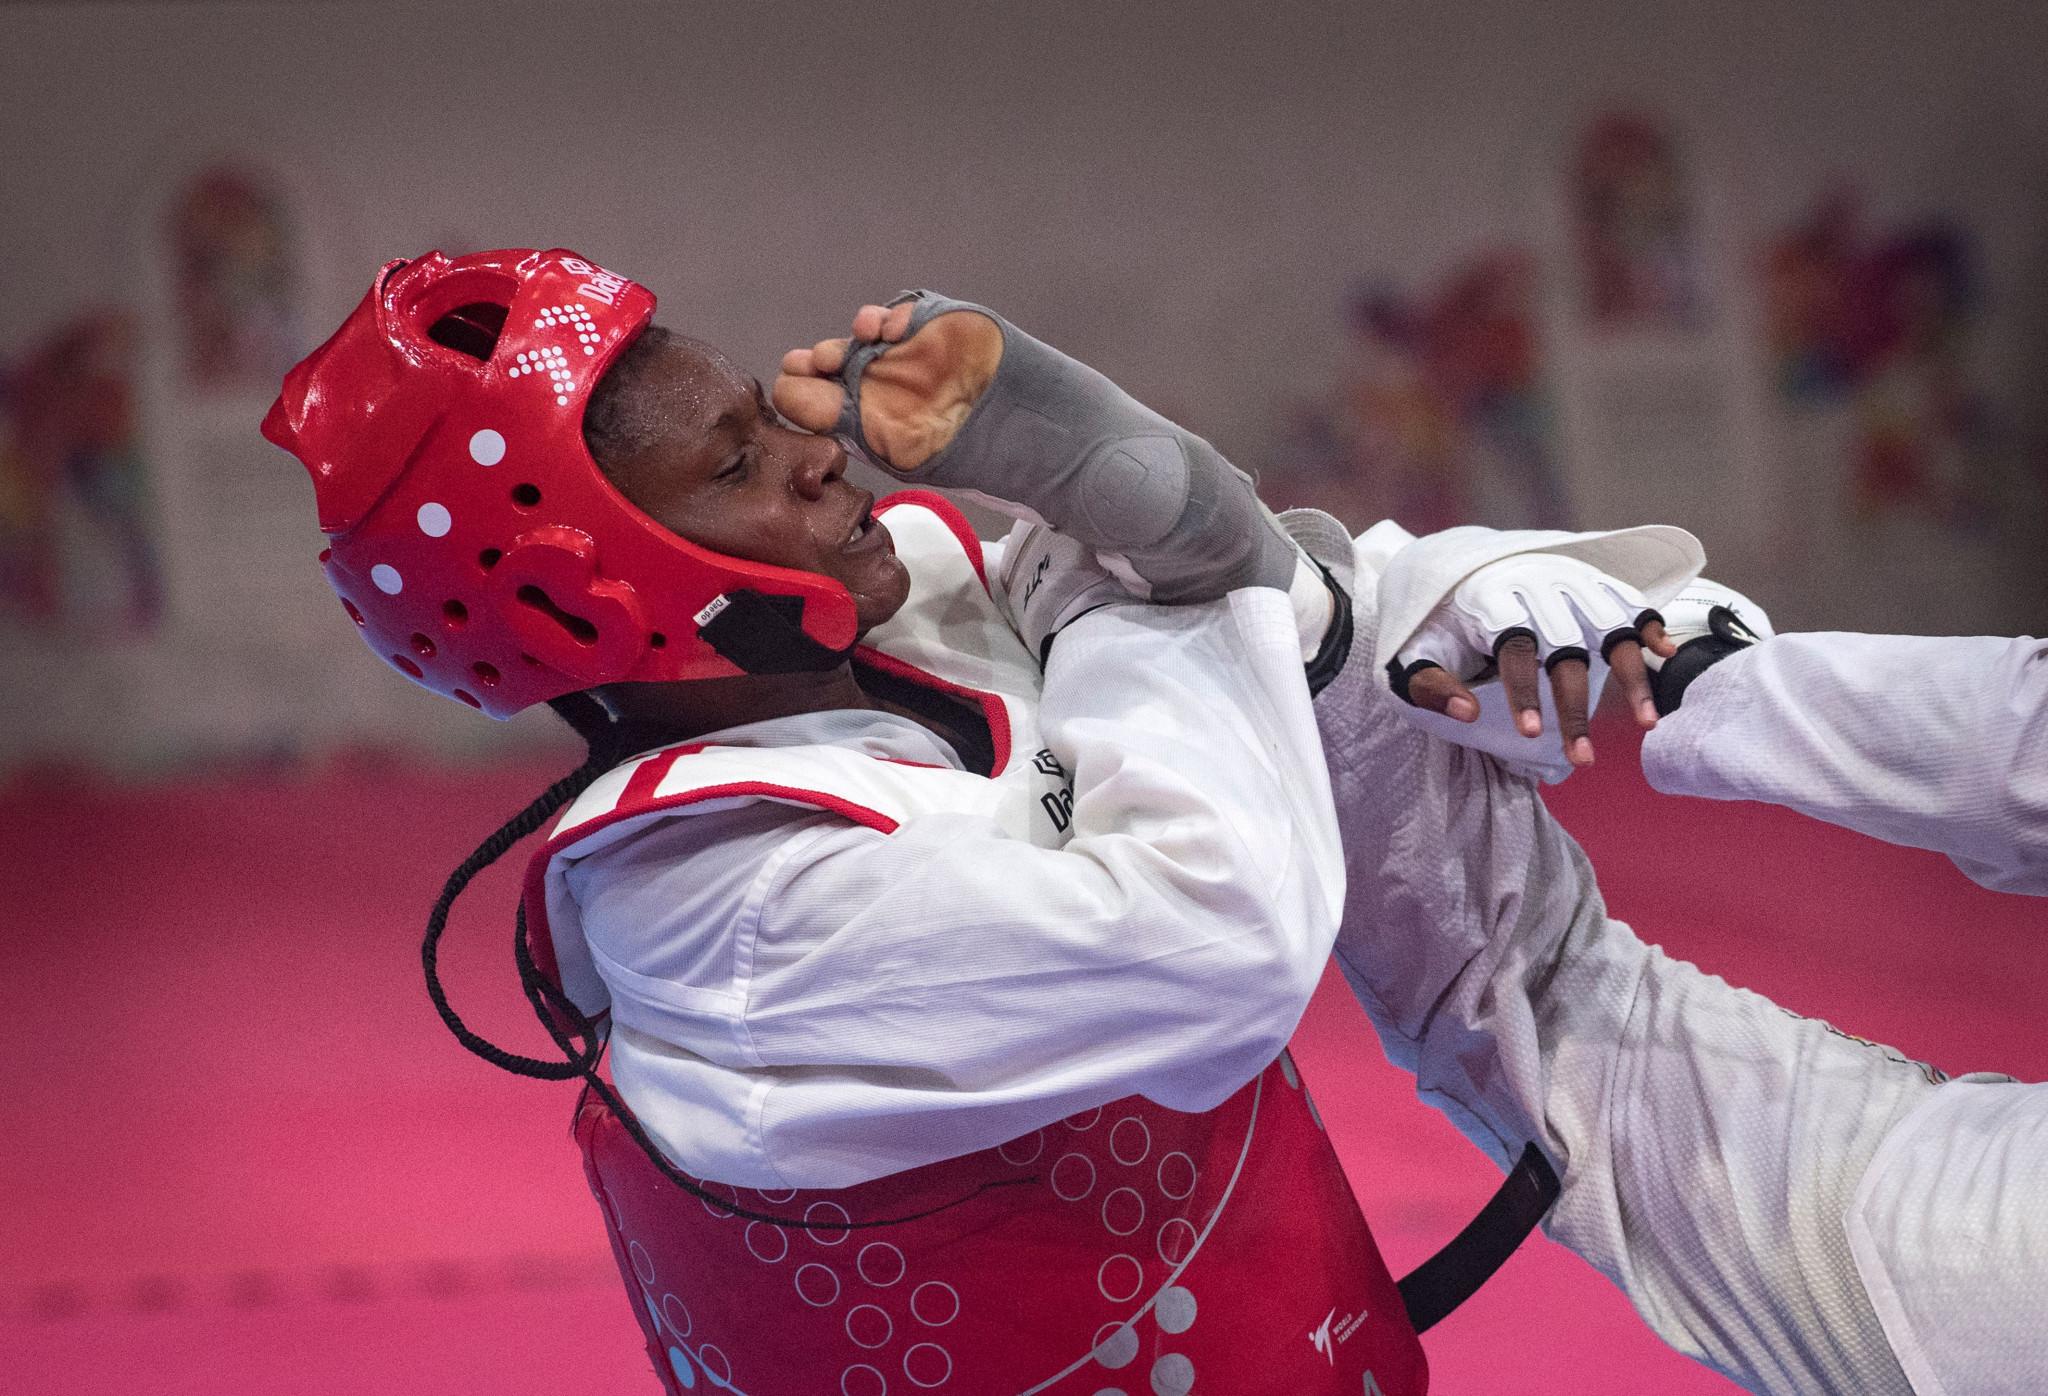 Kenya's Olympic taekwondo hopeful enters bubble camp prior to Tokyo 2020